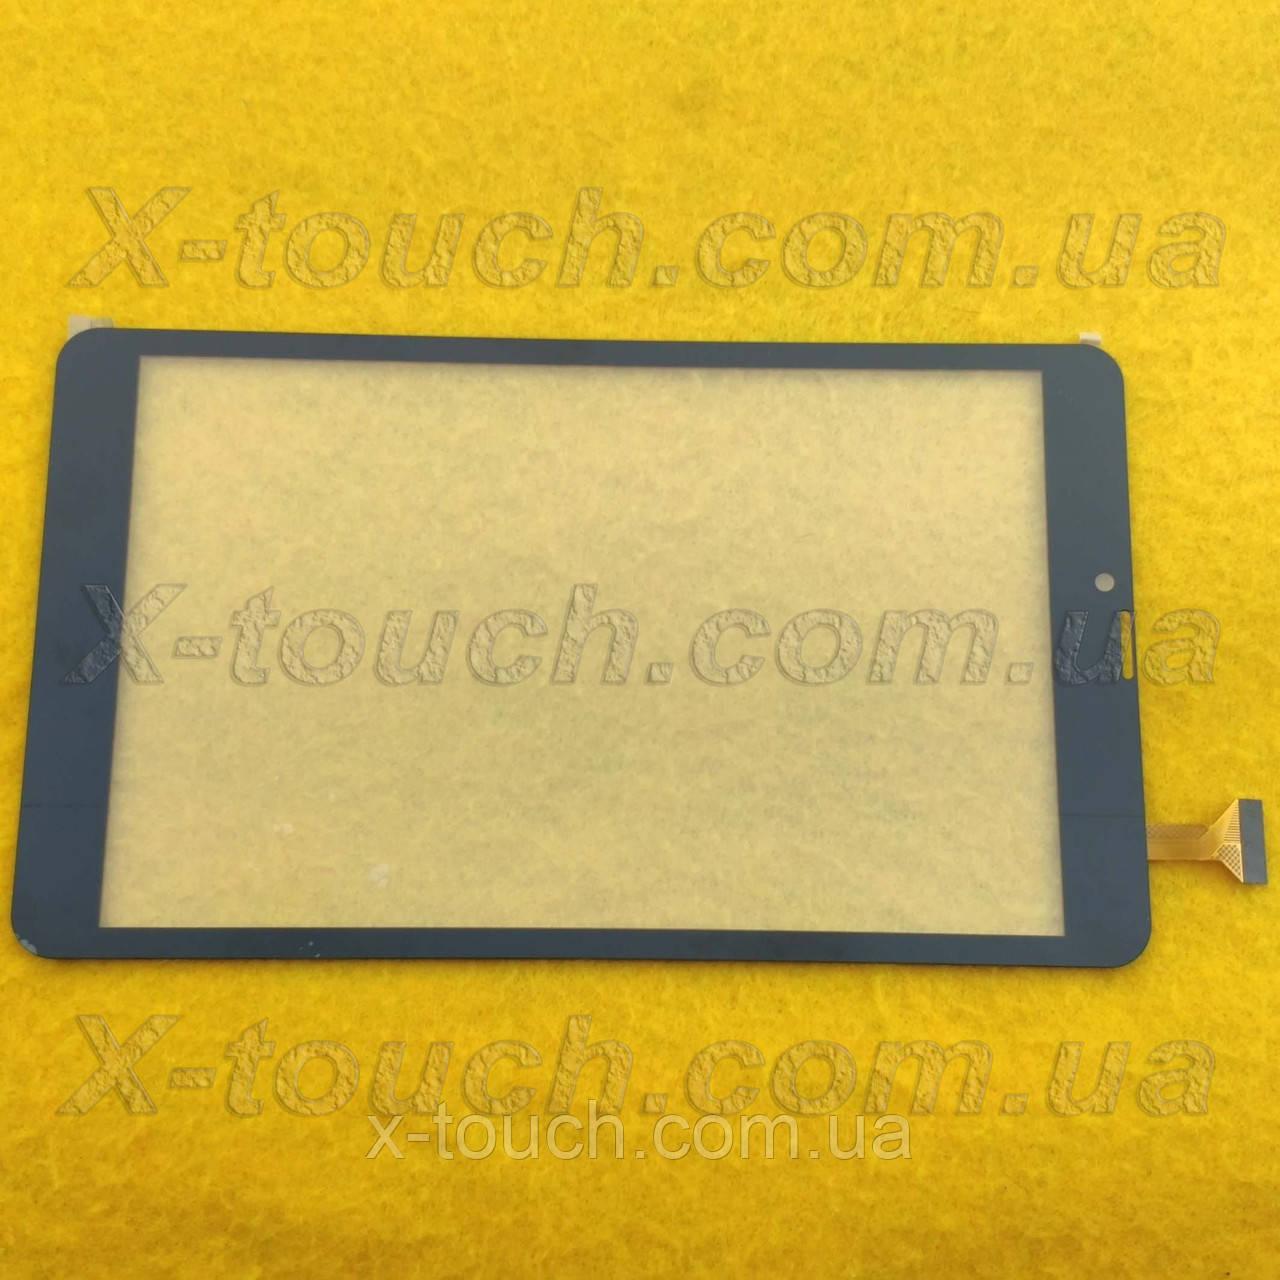 Тачскрін, сенсор XLD808-V0 для планшета, чорного кольору